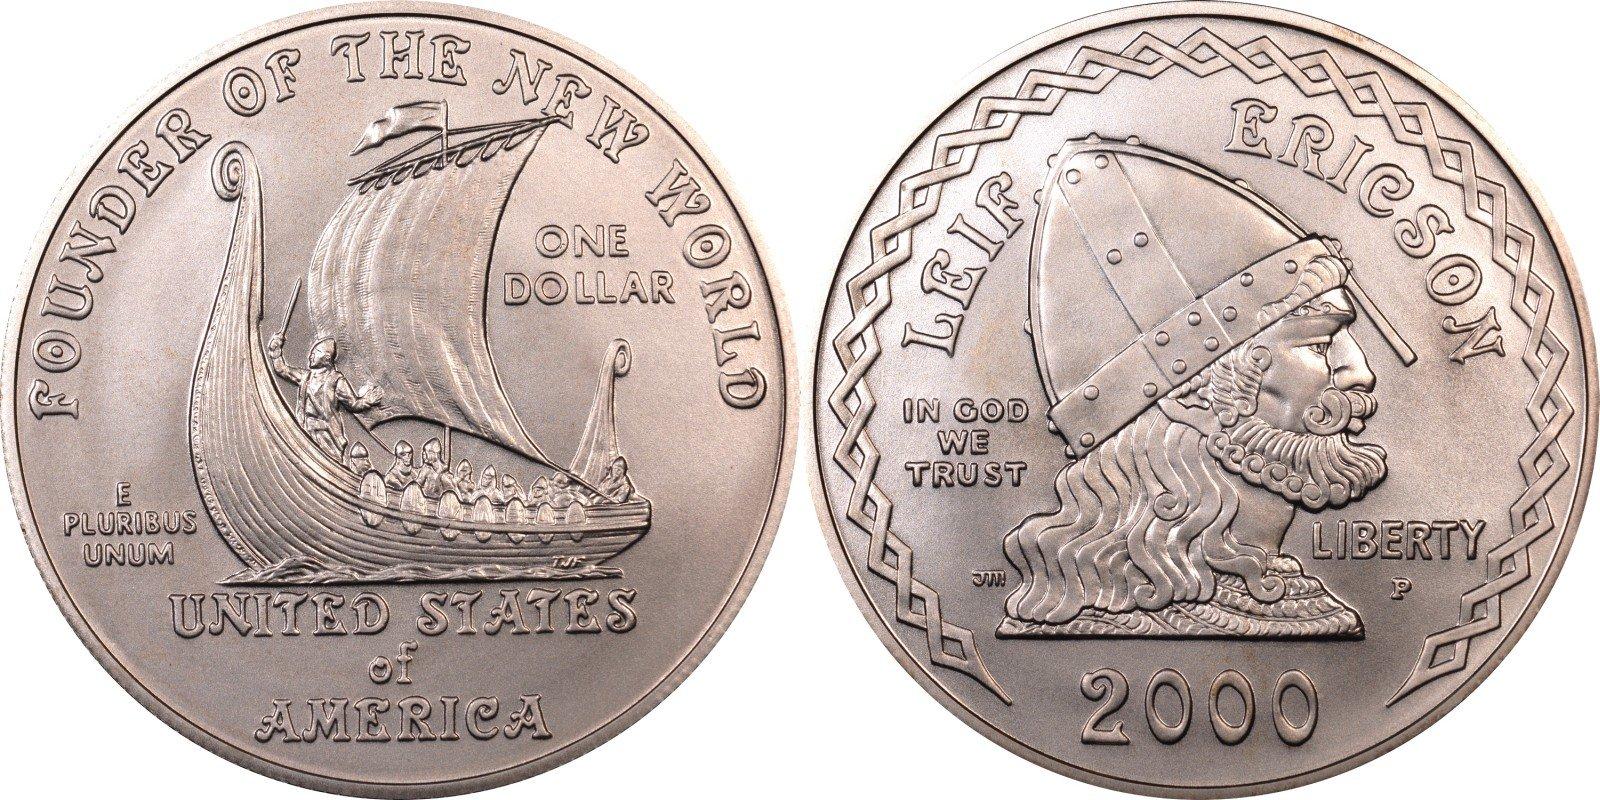 Греческая коллекционная монета с дельфинами 2014 г сколько стоит 50 копеек 2010 года цена